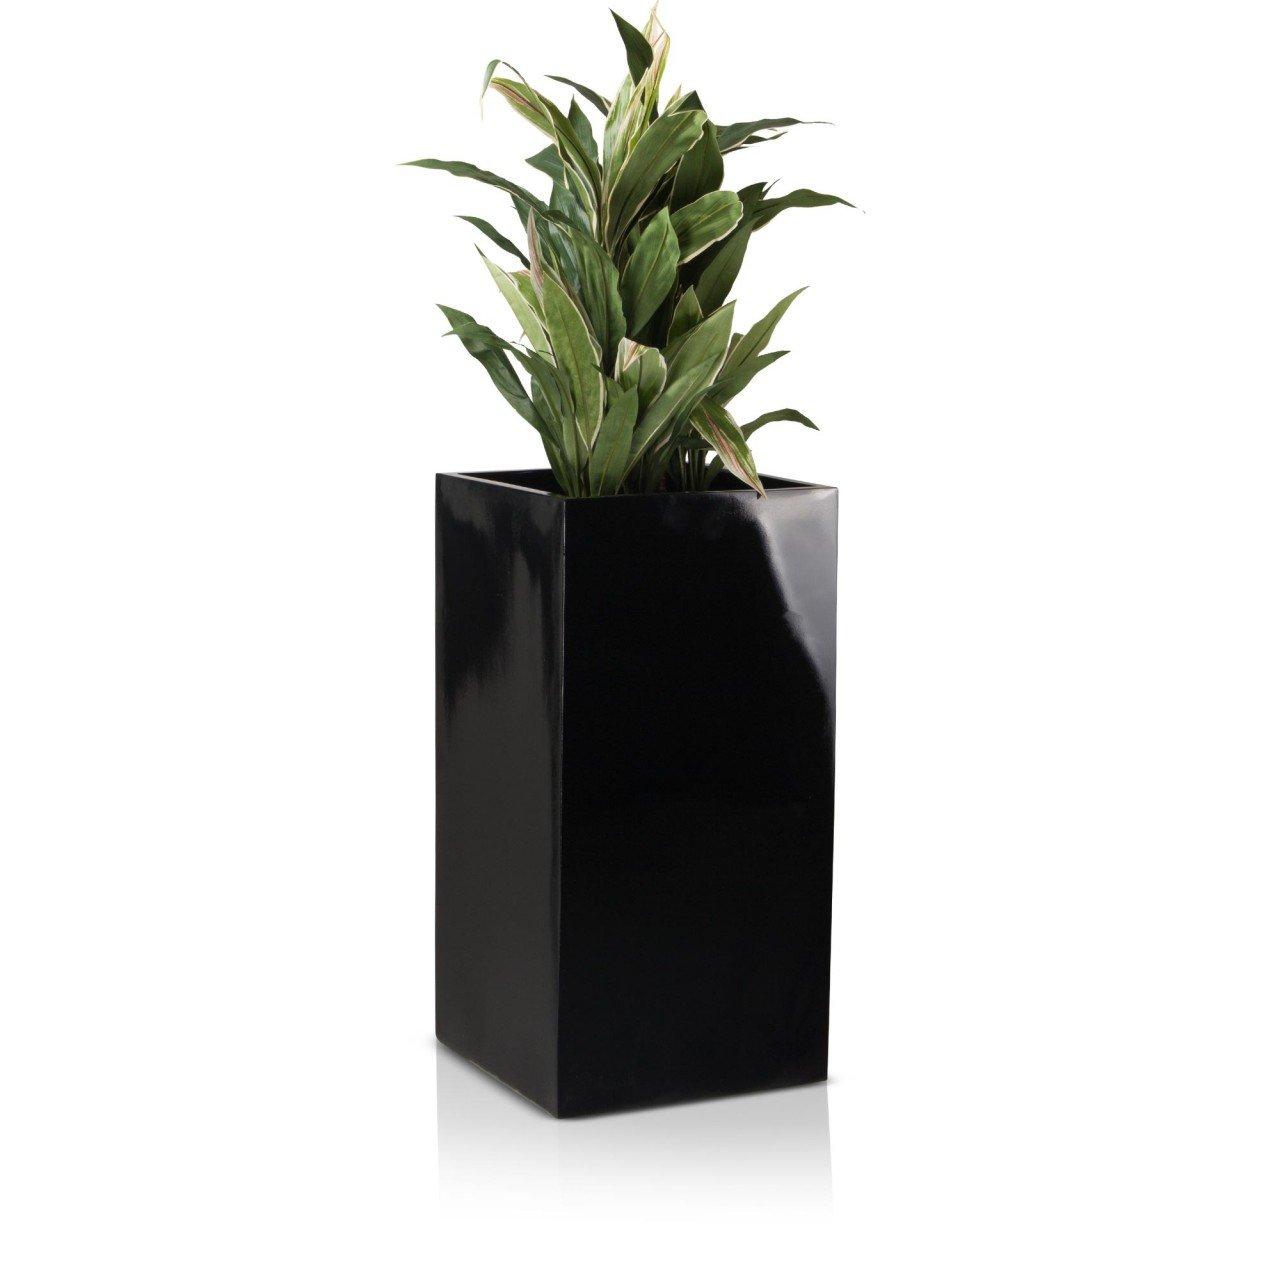 pflanzk bel blumenk bel torre 80f fiberglas 40x40x80 cm schwarz hochglanz g nstig online kaufen. Black Bedroom Furniture Sets. Home Design Ideas